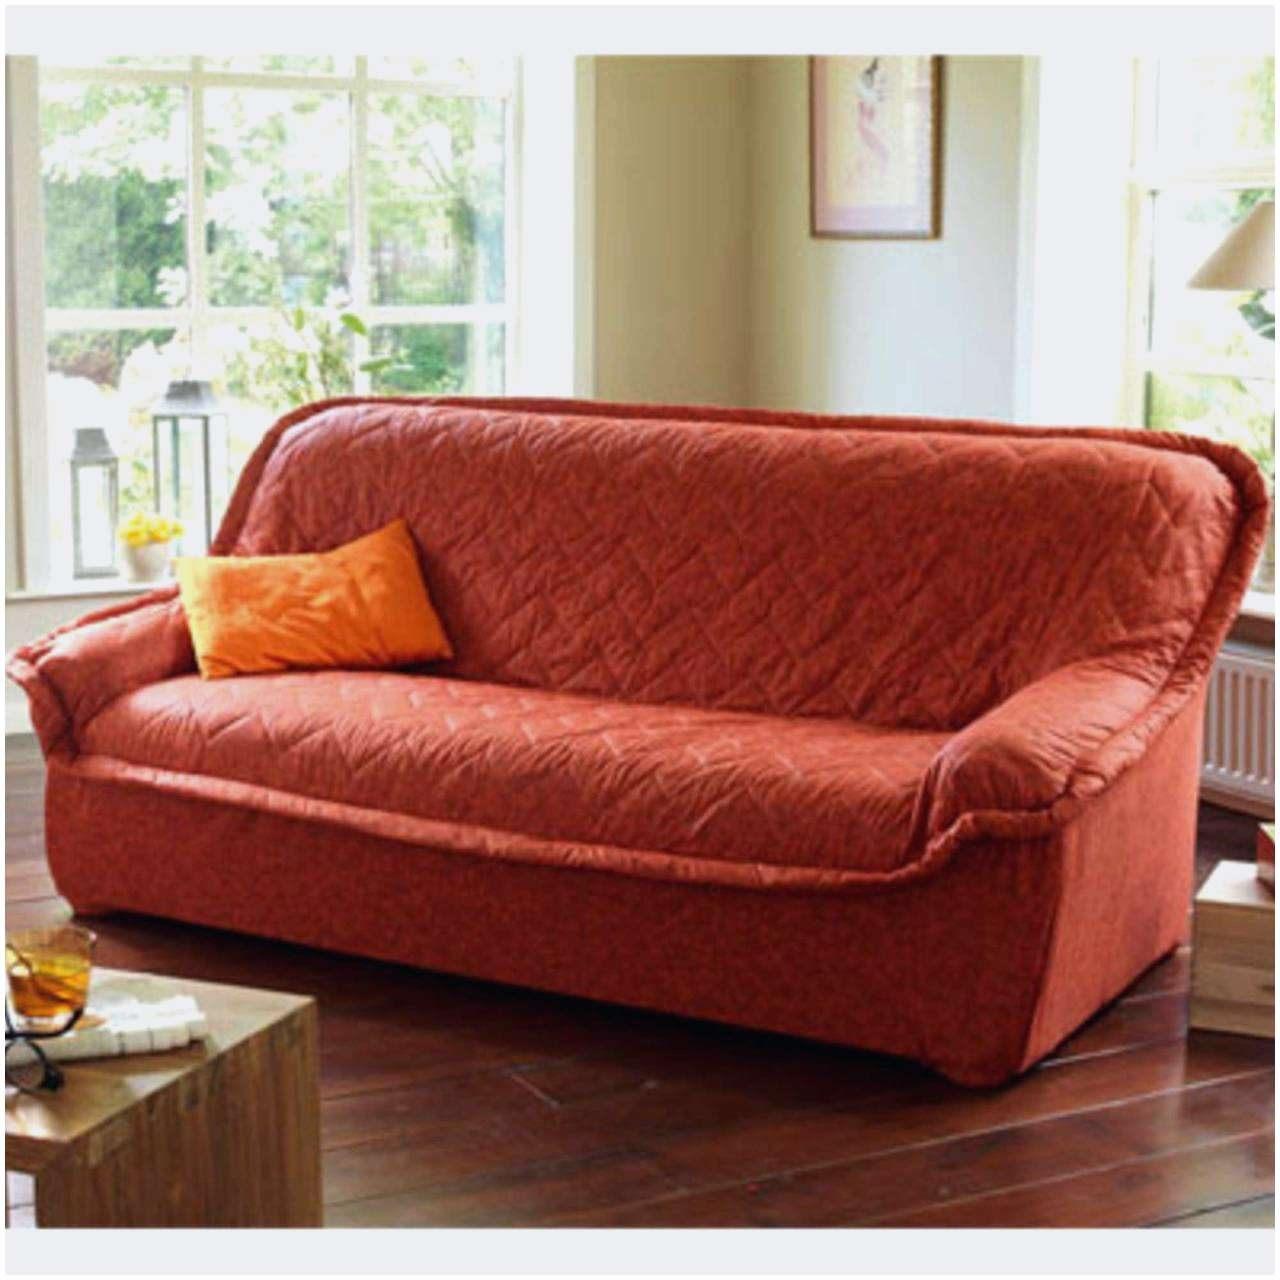 Housse Canapé Lit Magnifique Unique Canapé 3 Places Tissu Relax Inspirational Housse Pour Canape